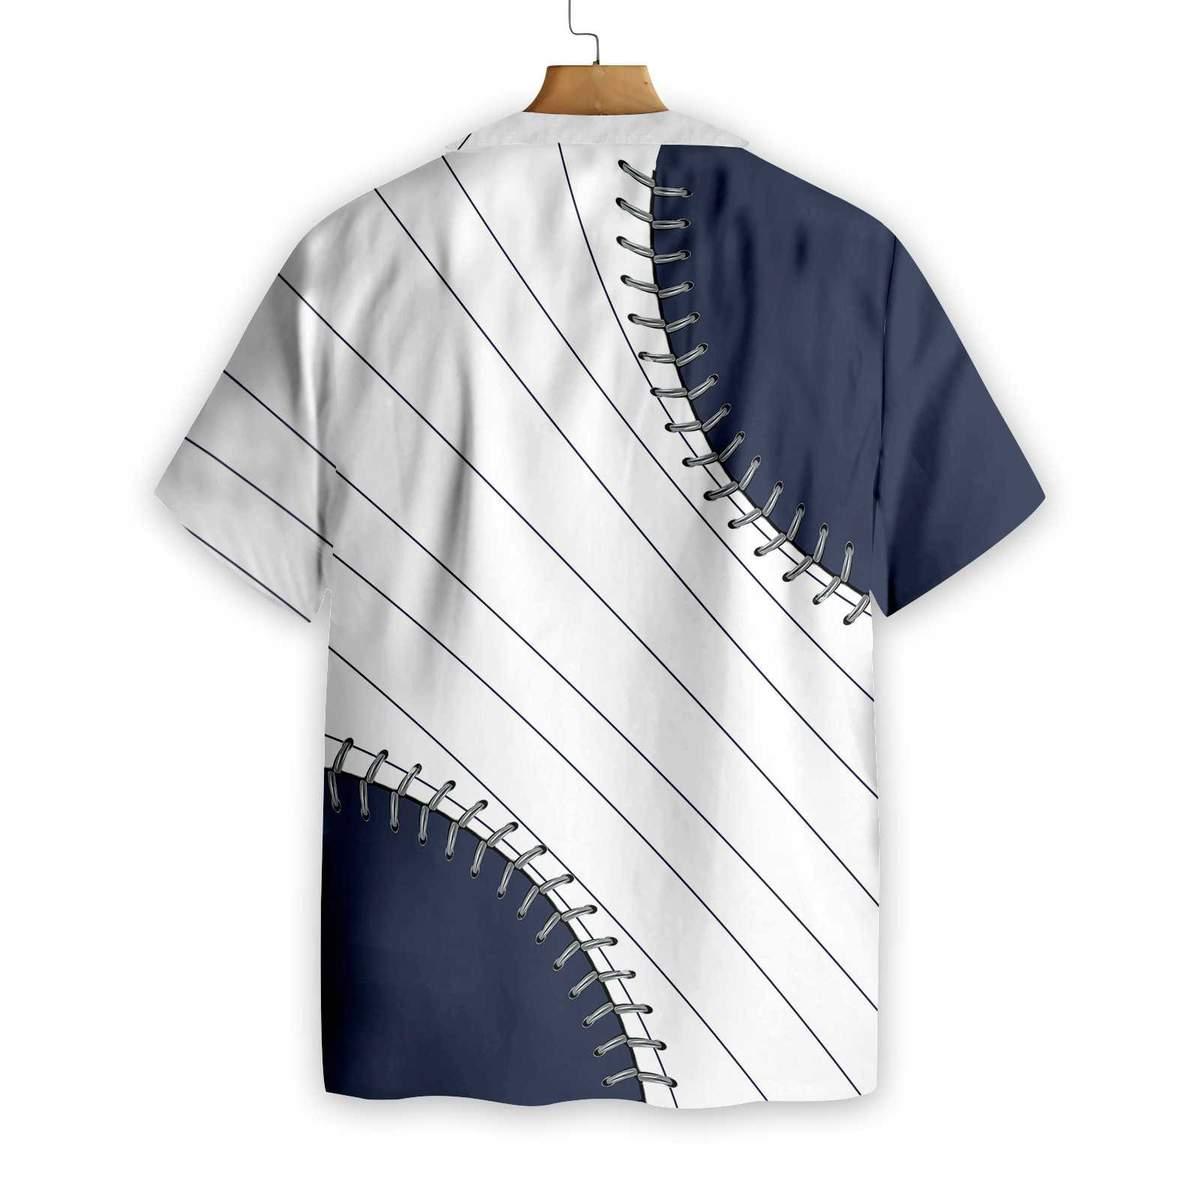 Baseball You are killin me small Navy Blue Hawaiian Shirt1